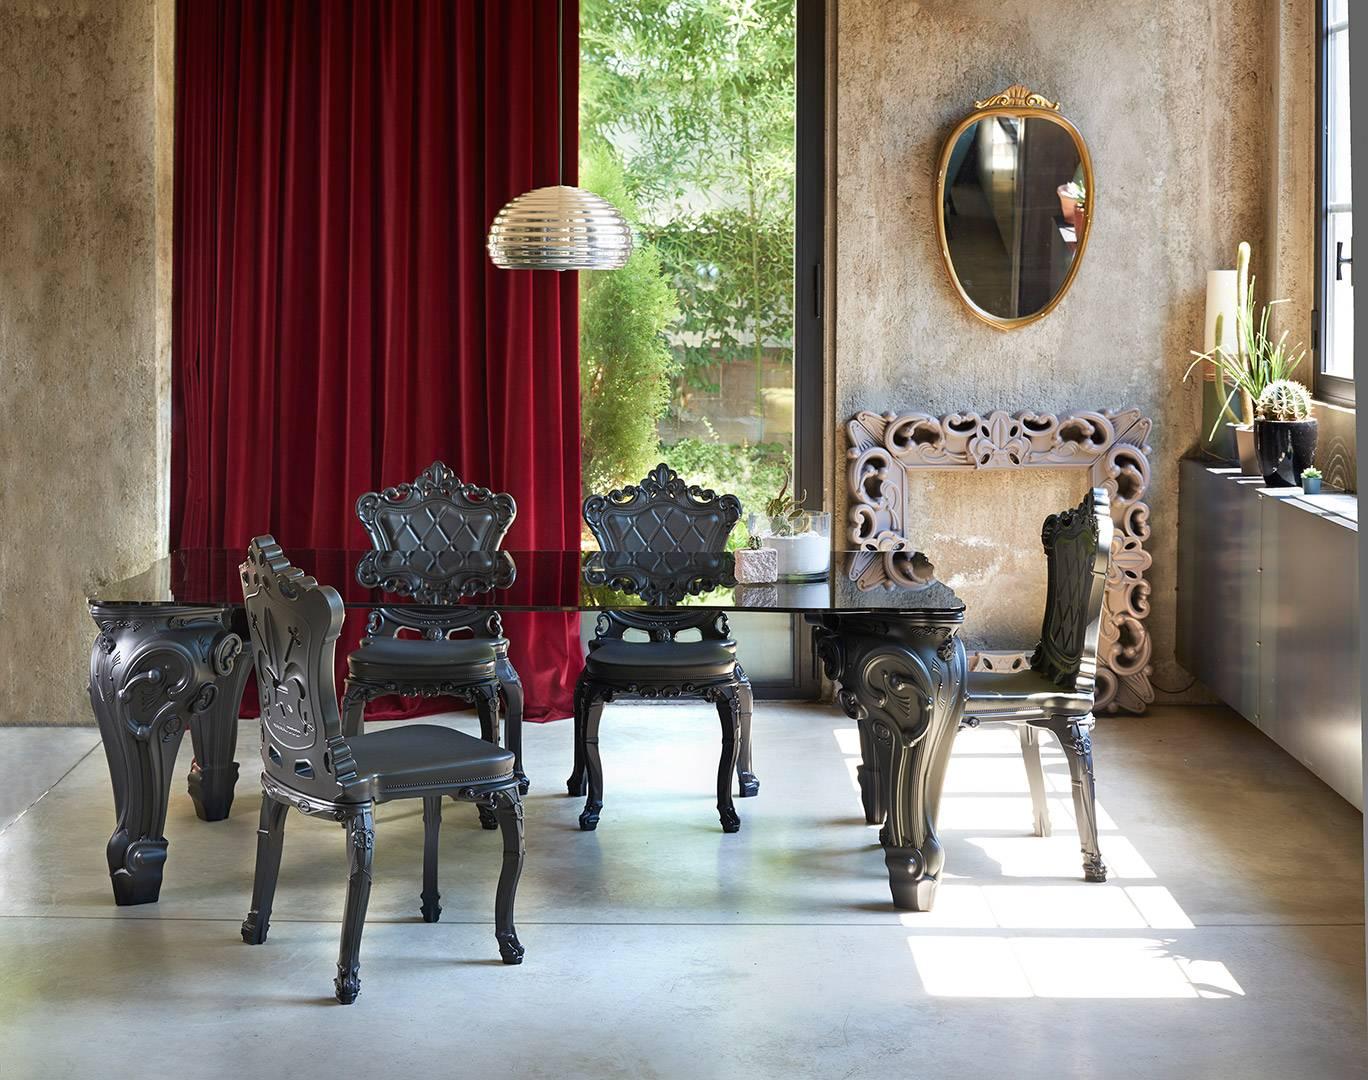 SIR OF LOVE Tisch schwarz, mit Glasplatte, umgeben von PRINCESS Stuhl